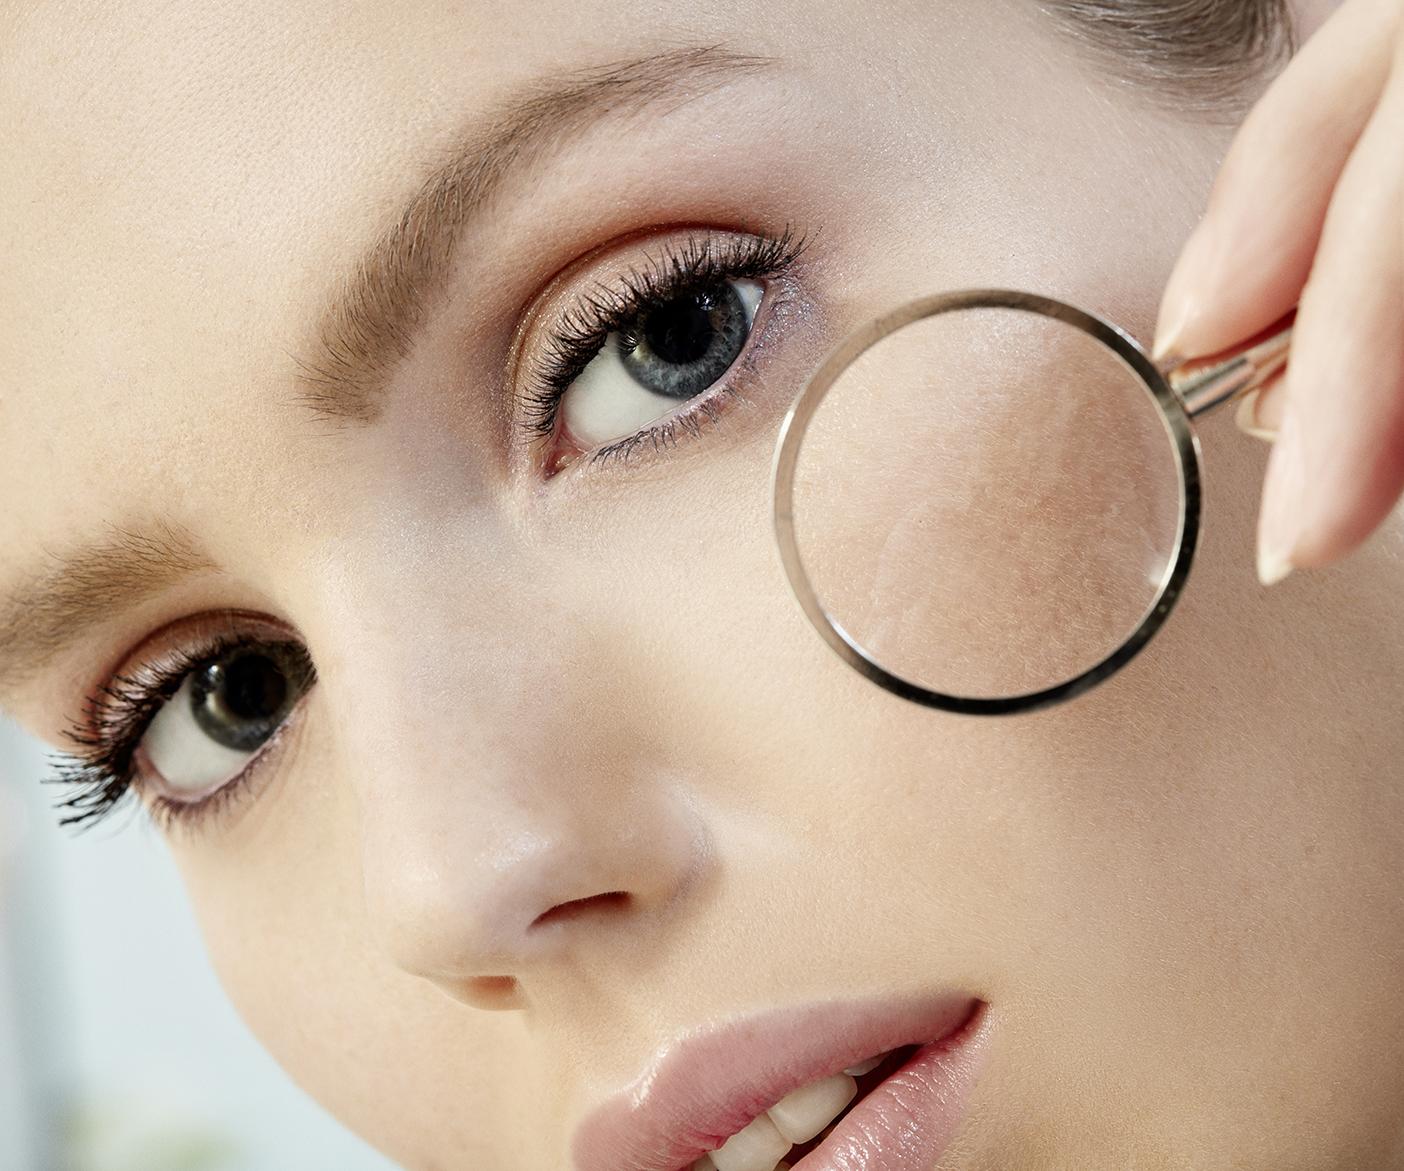 Große Poren langfristig verkleinern